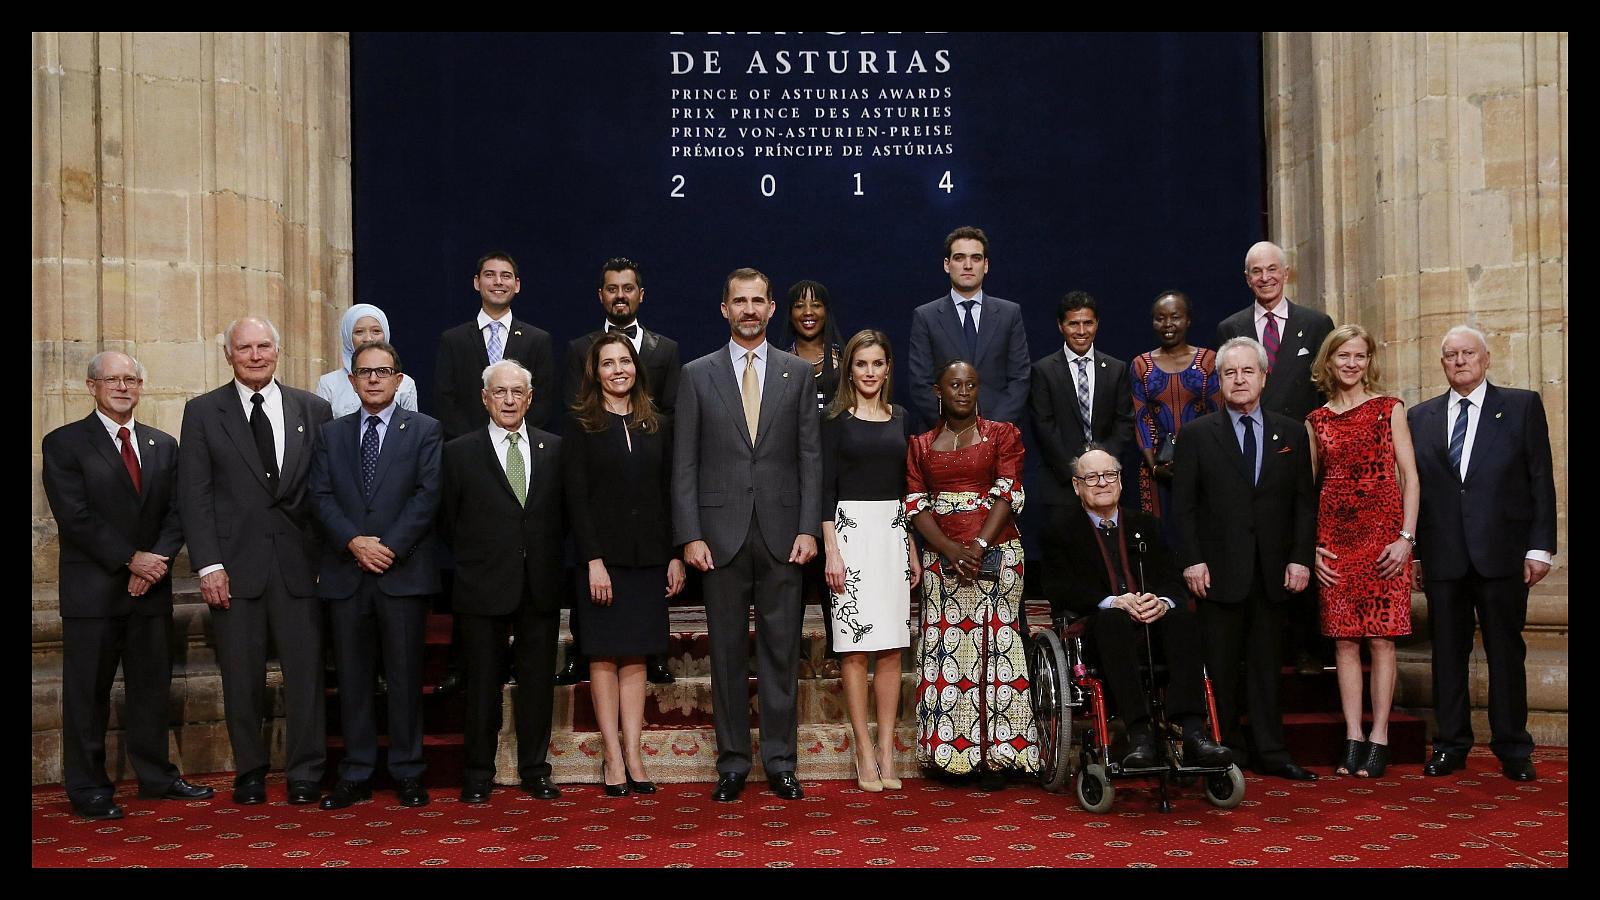 Premios Príncipe de Asturias: la emoción del teatro Campoamor